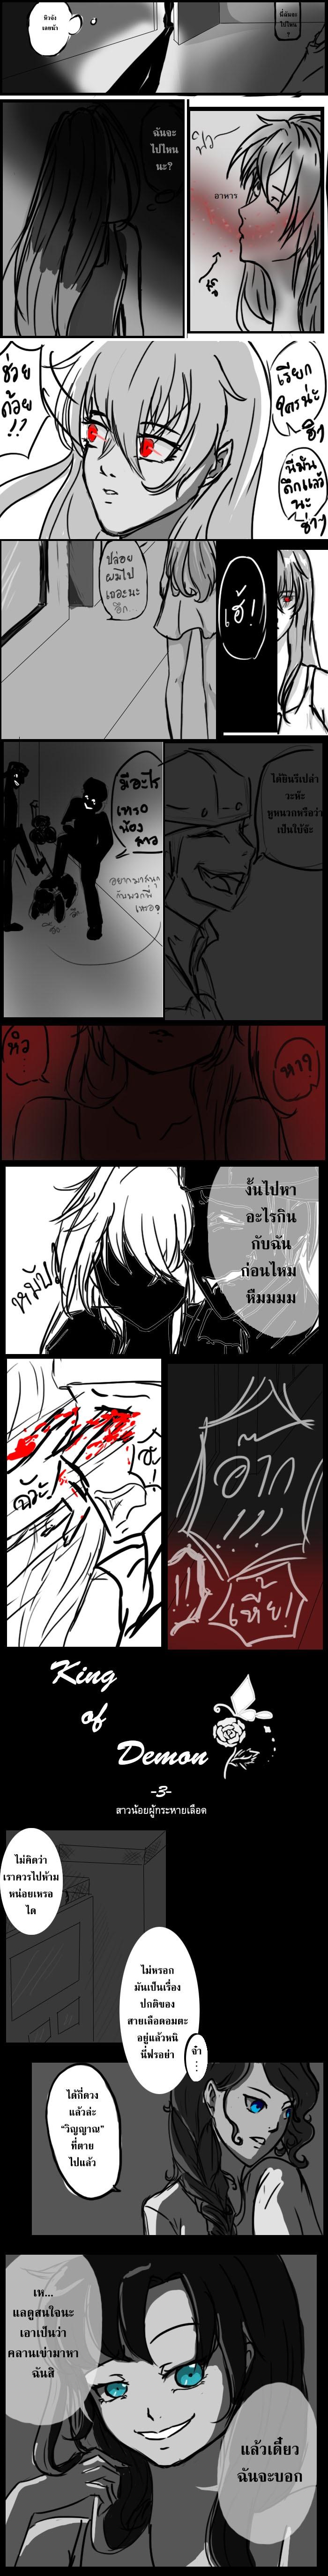 Ch.3 - สาวน้อยผู้กระหายเลือด